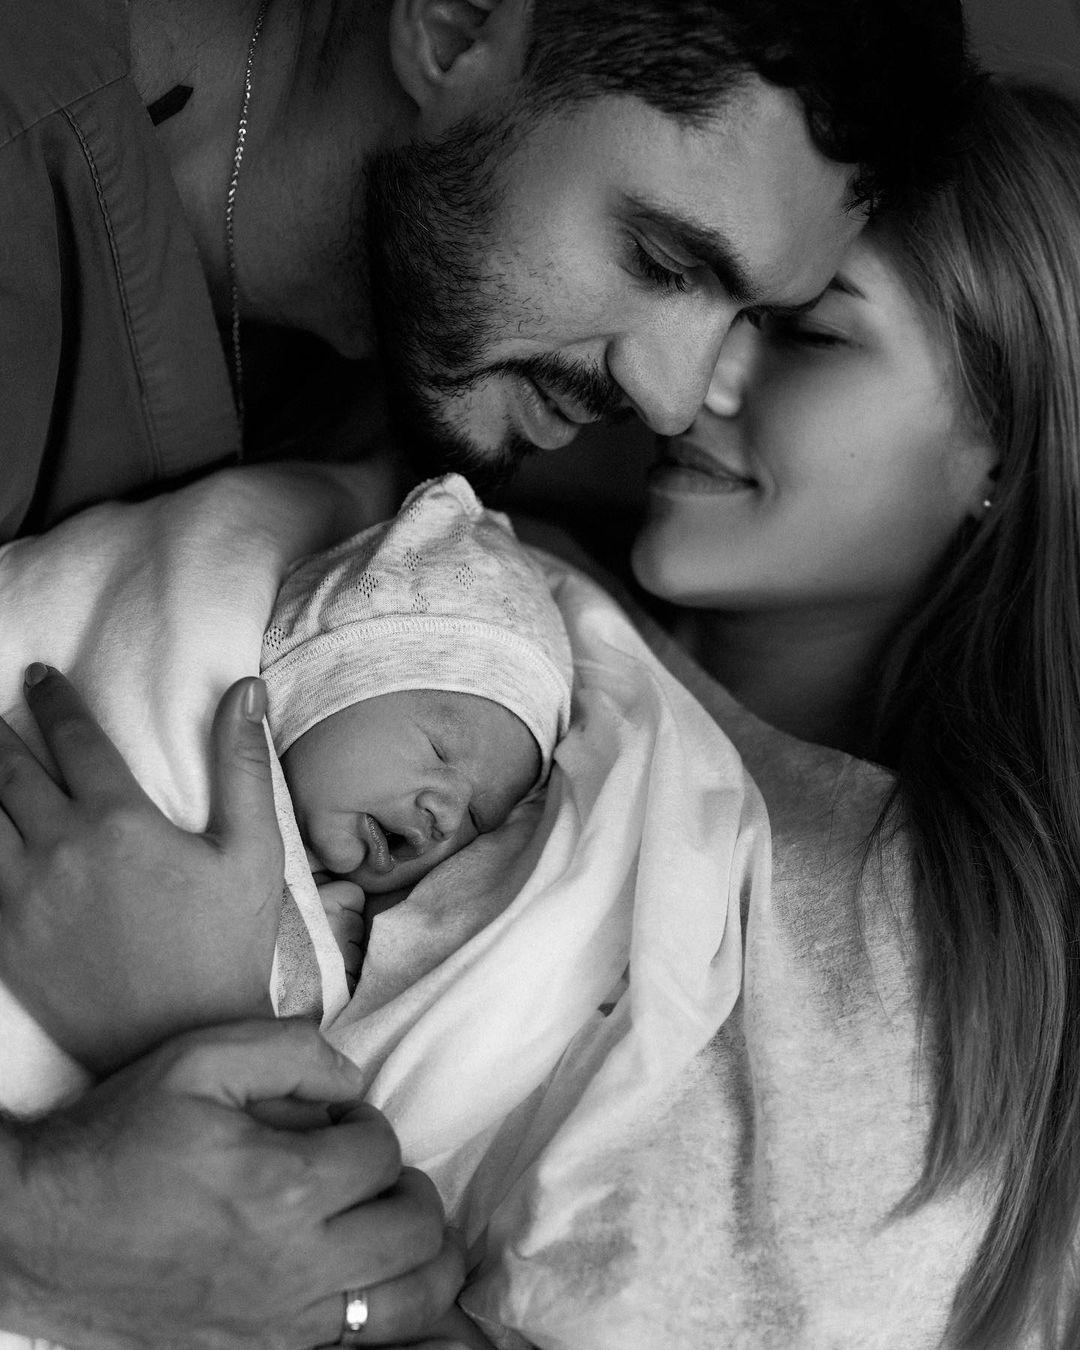 никита добрынин даша квиткова родила ребенок имя пол